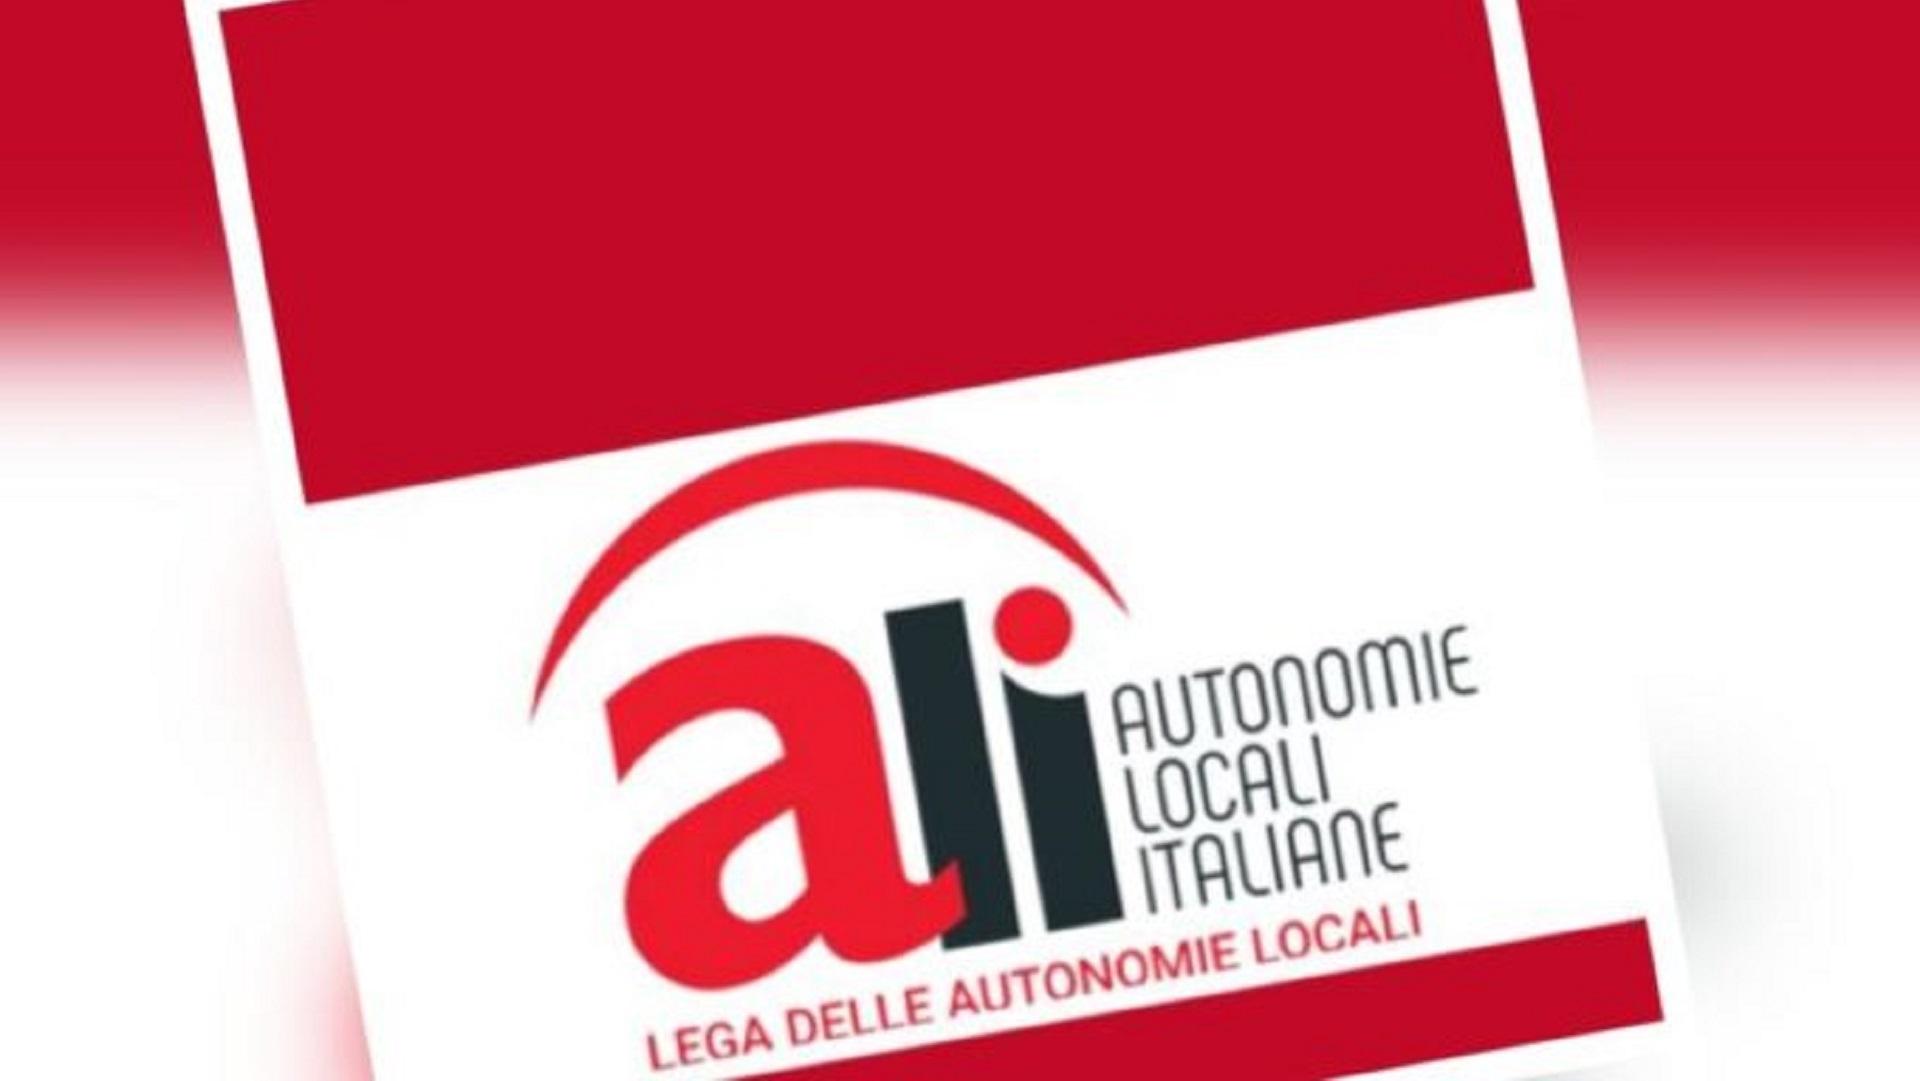 Convegno-ALI_1920x1080.jpg